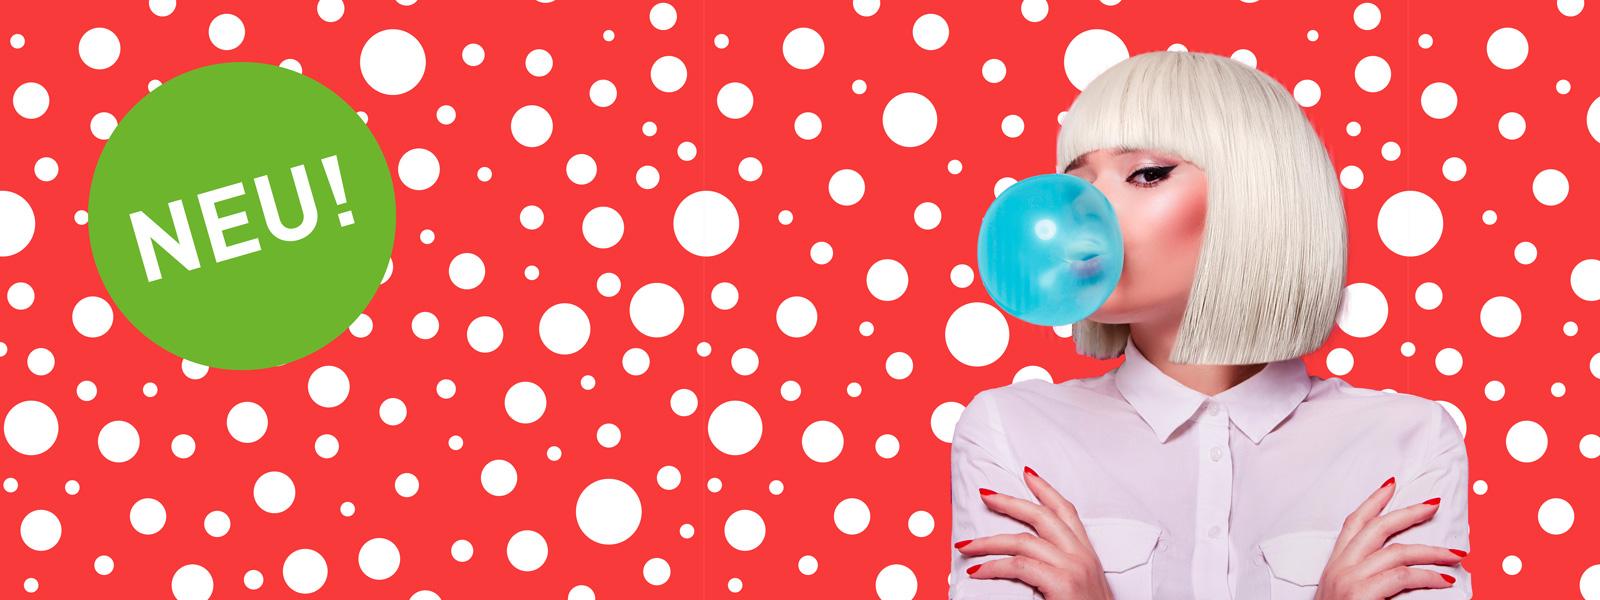 blasenfreie verklebung - frau mit blonden Haaren und blauer Kaugummiblase auf rosa gestreiftem Hintergrund